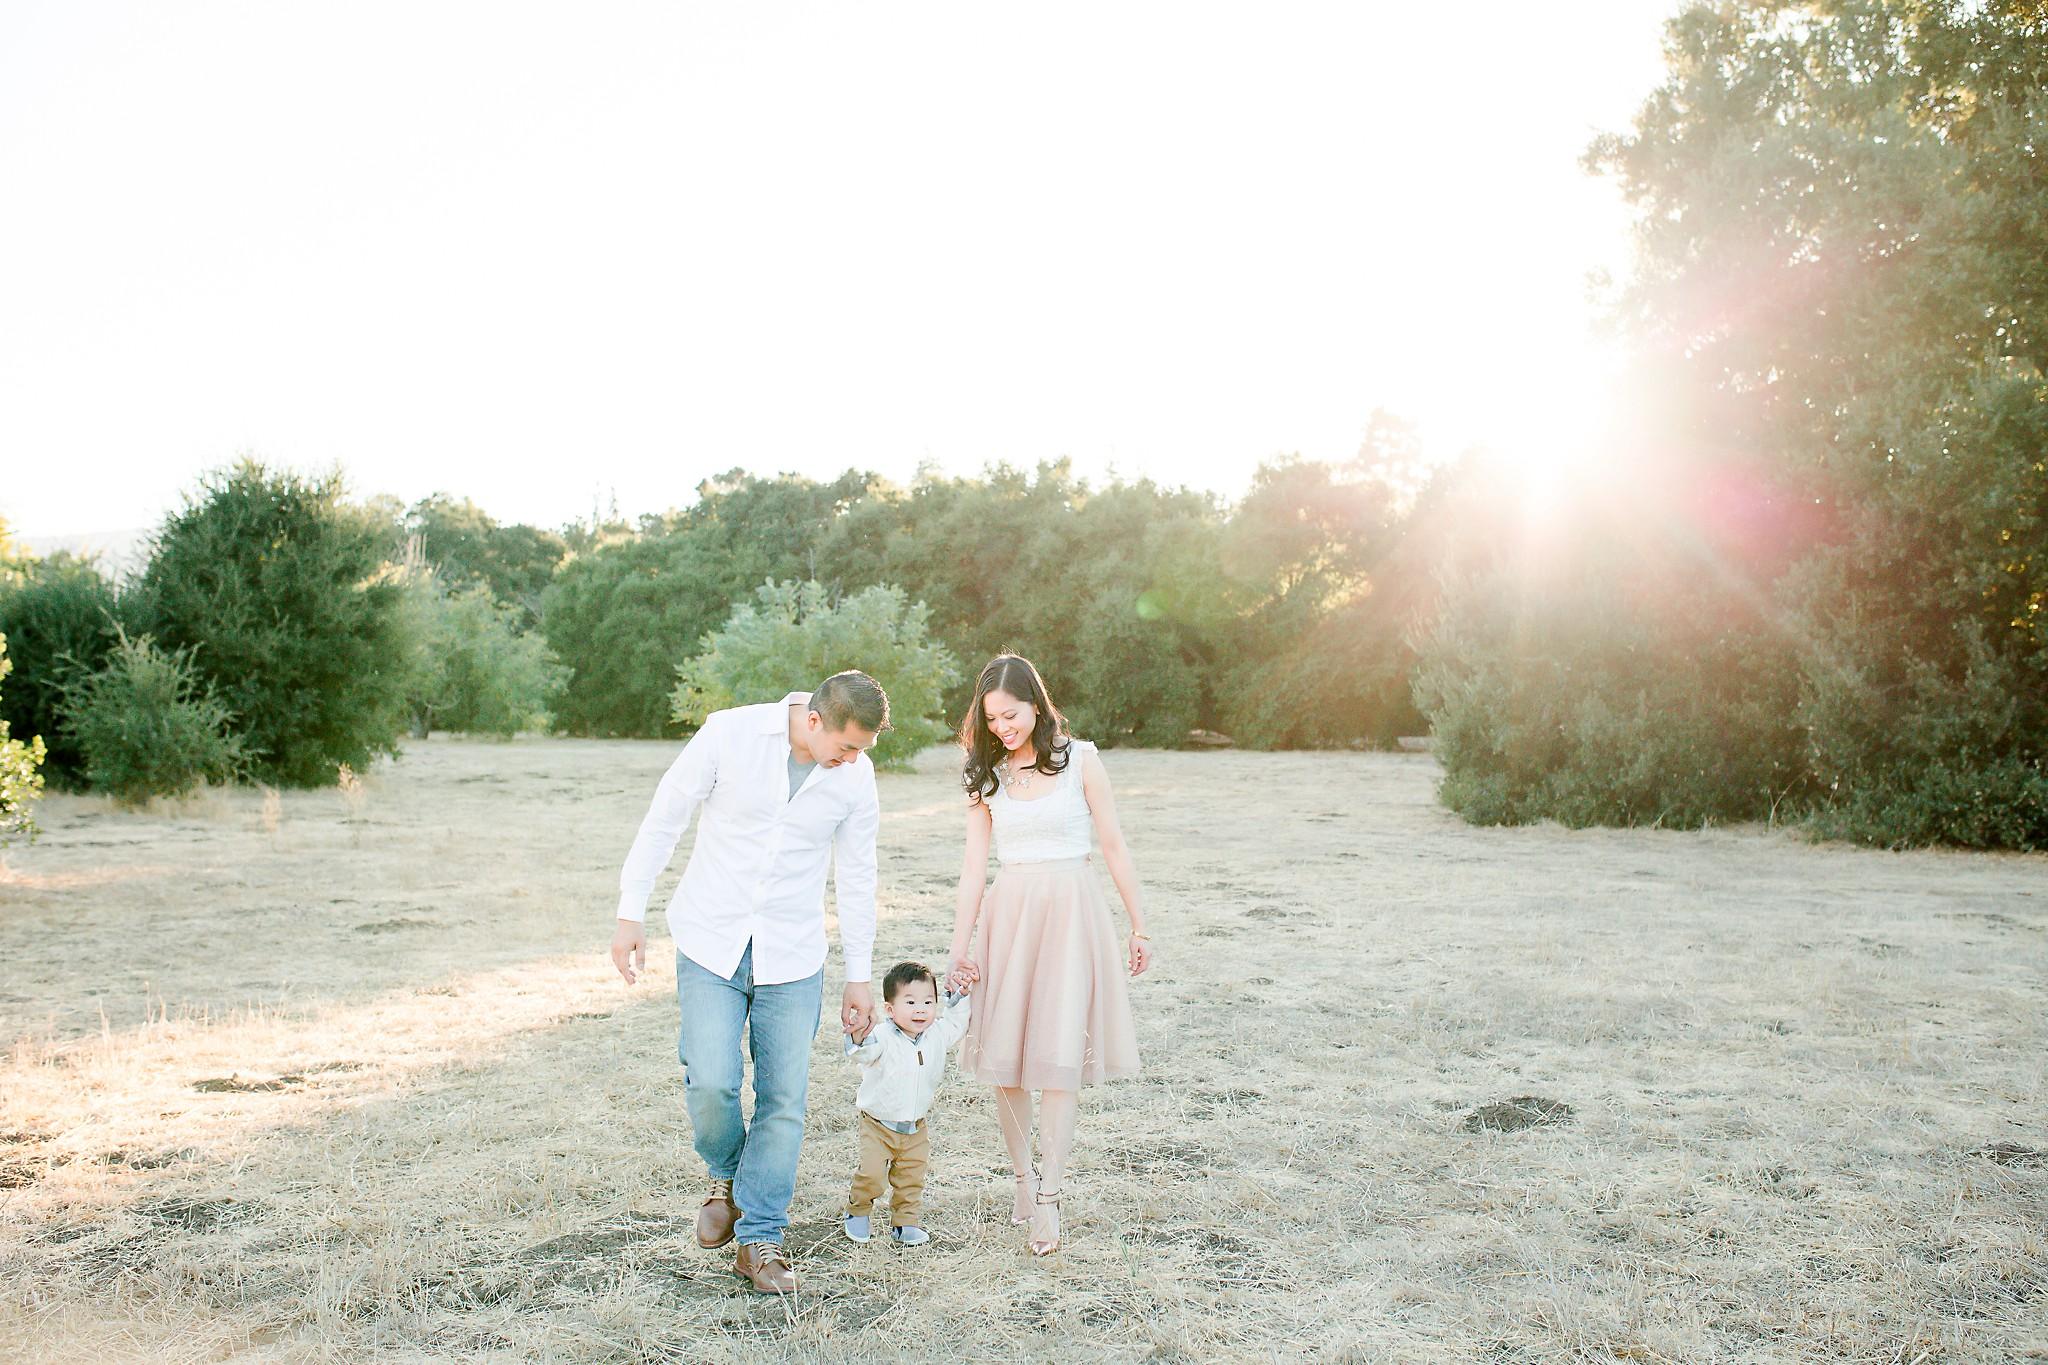 Mountain View Family Lifestyle Photographer_0017.jpg